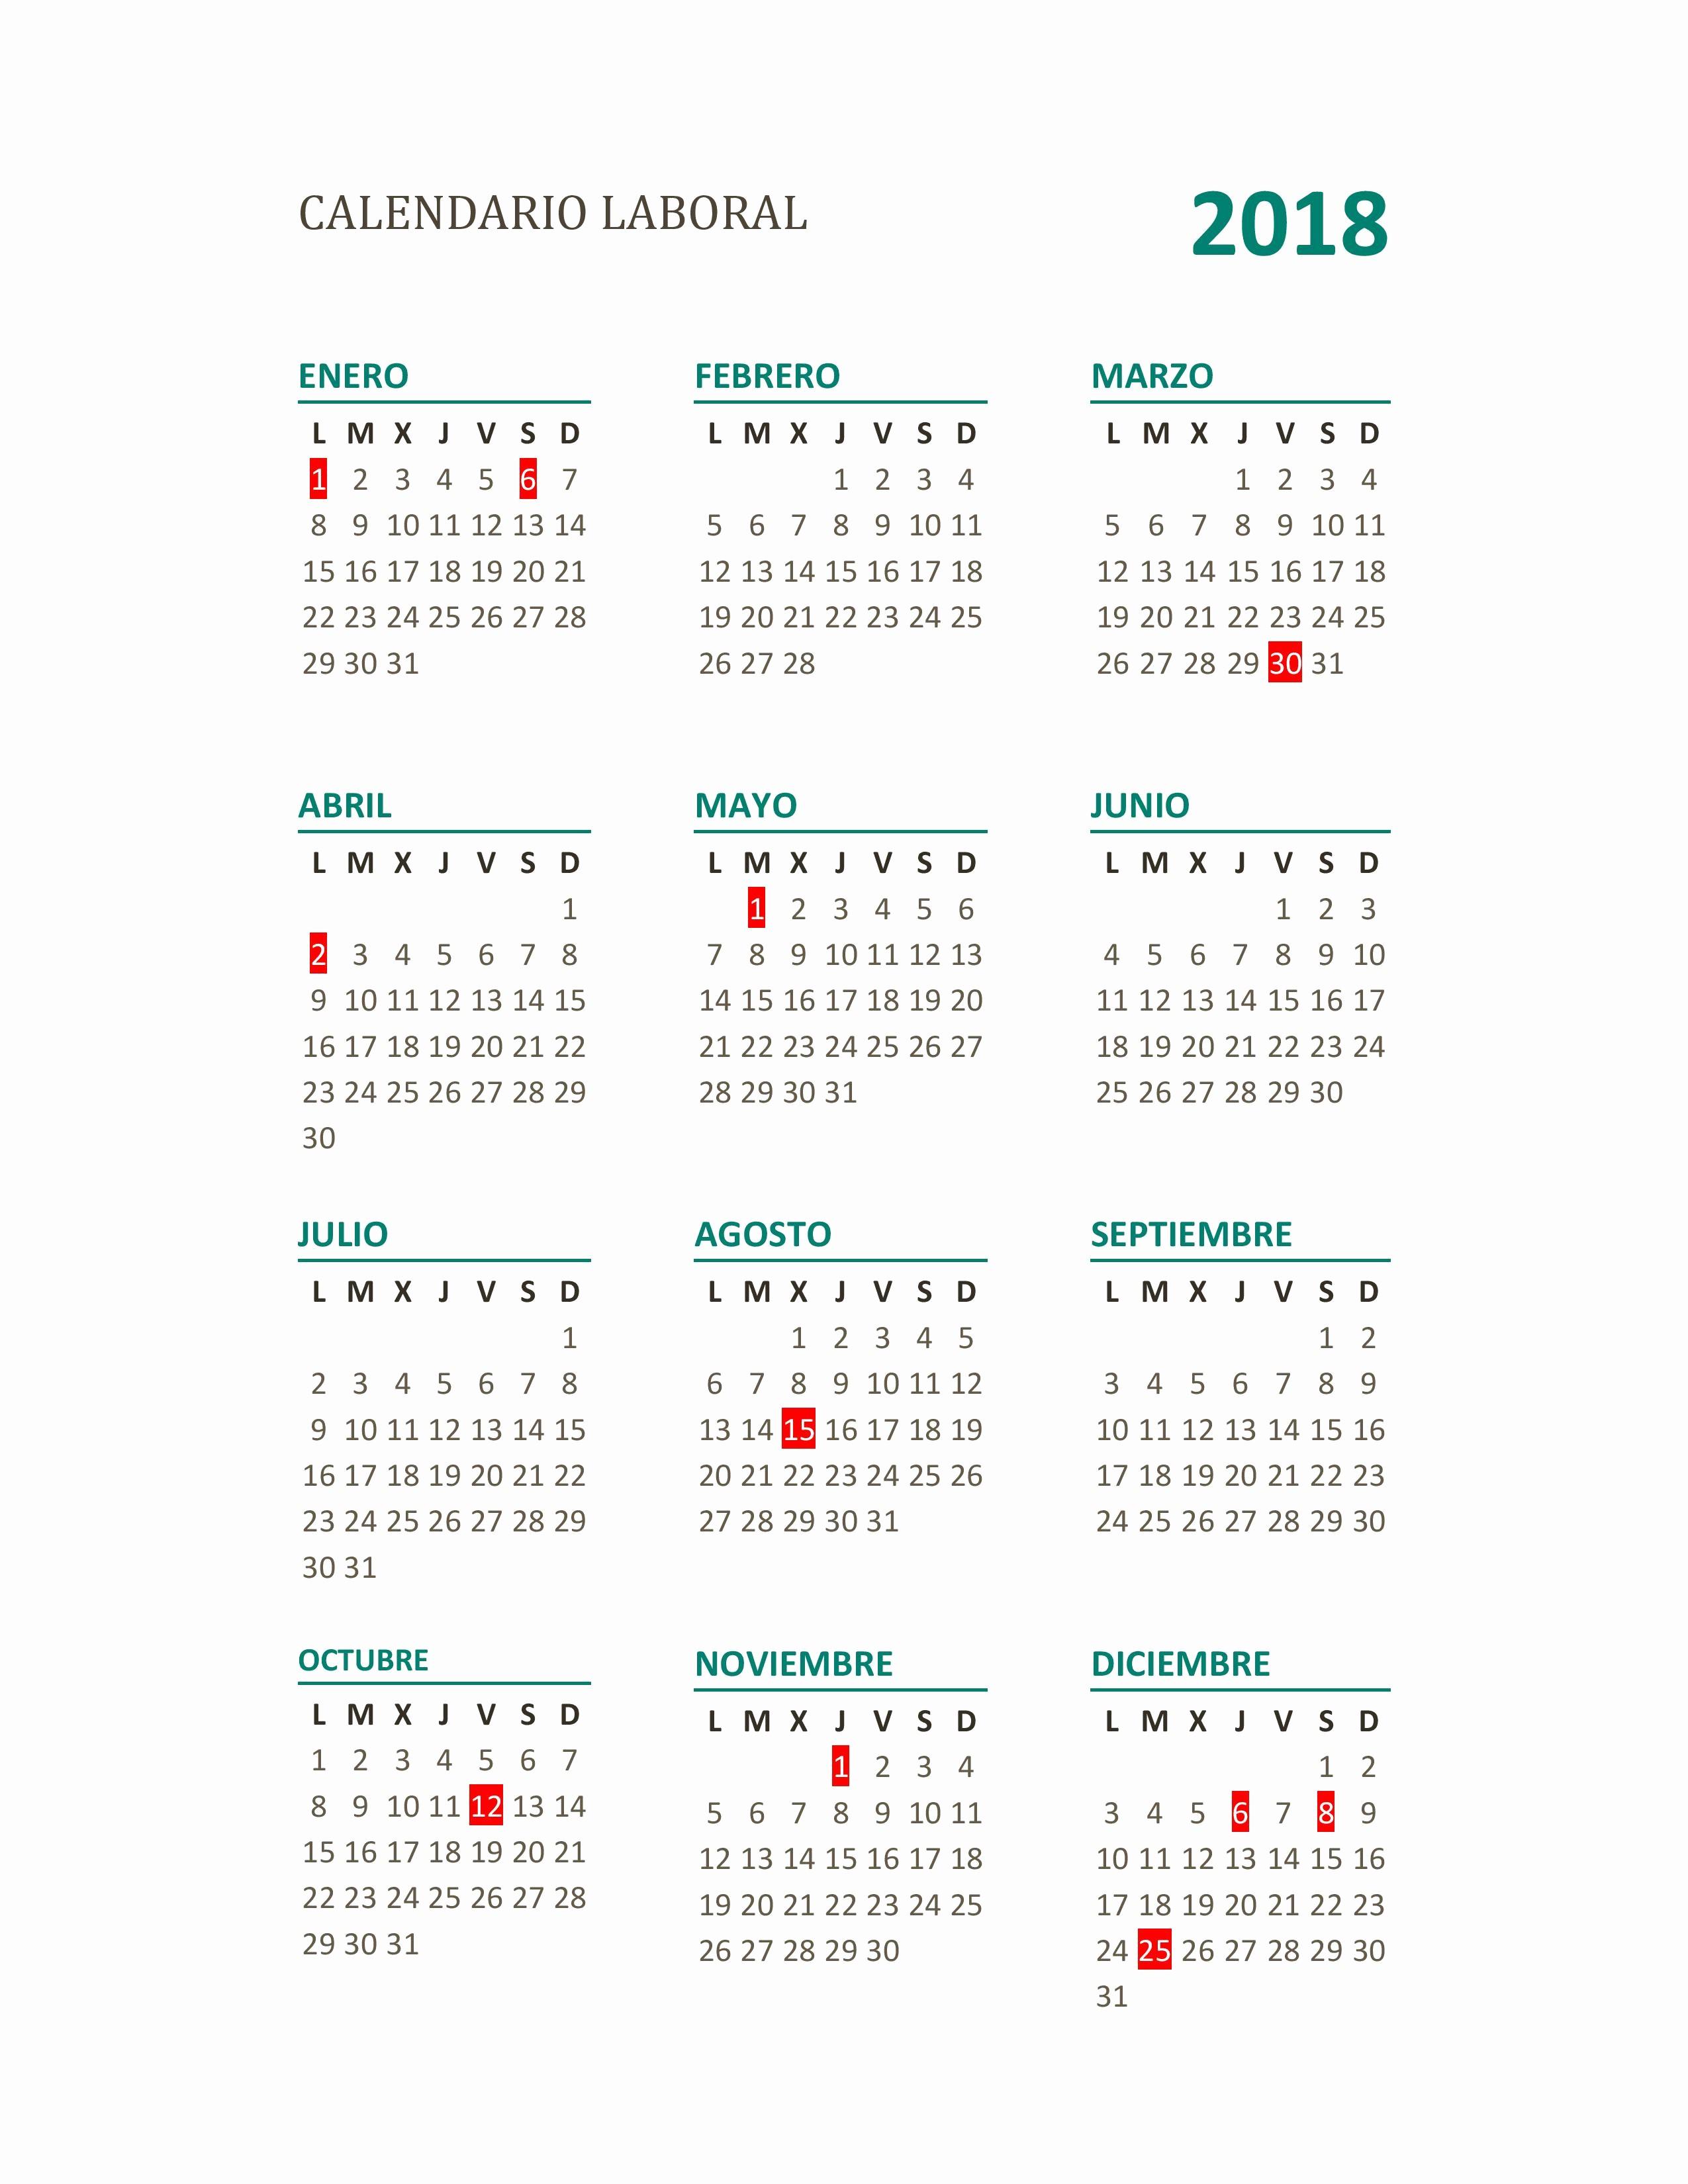 Calendari Laboral Badalona 2019 Calendario Laboral 2018 Mas De 200 Plantillas Para